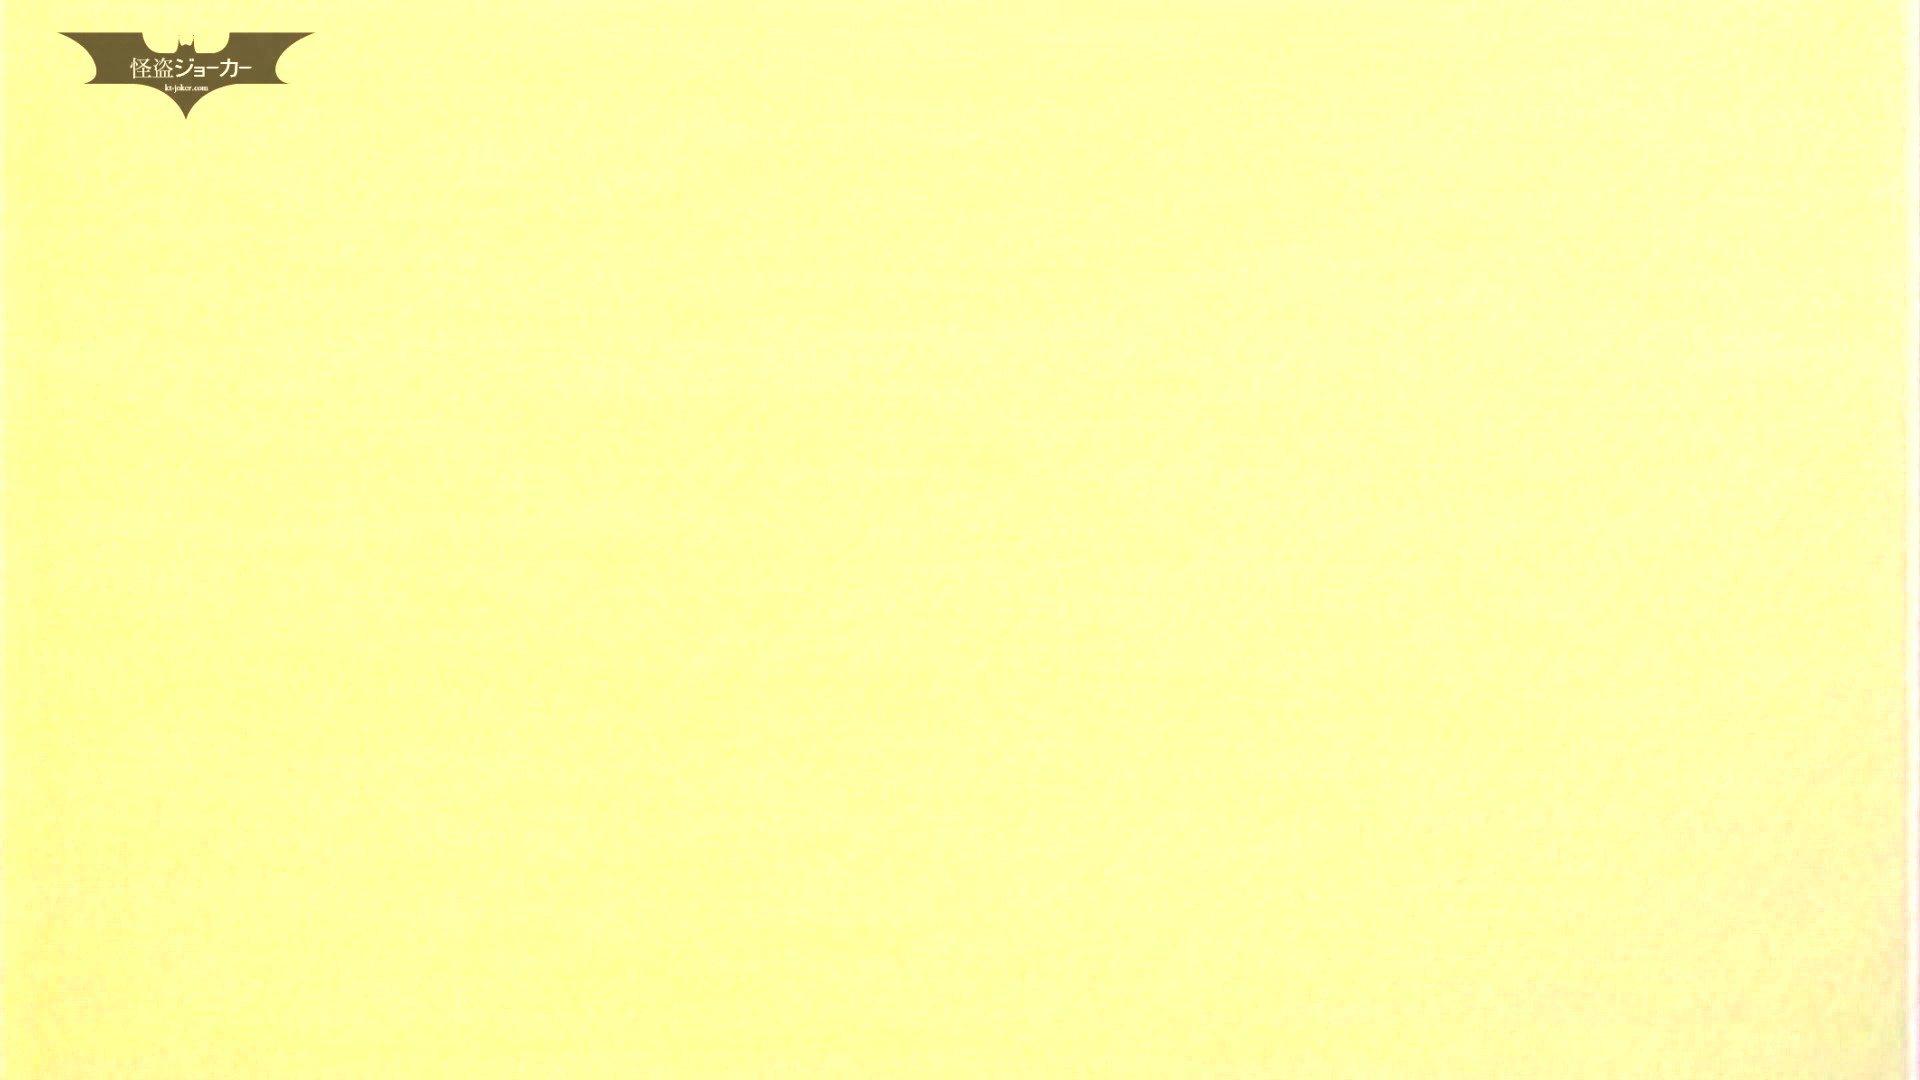 女の子の休み時間のひととき Vol.03 乙女のボディ 戯れ無修正画像 69PIX 3